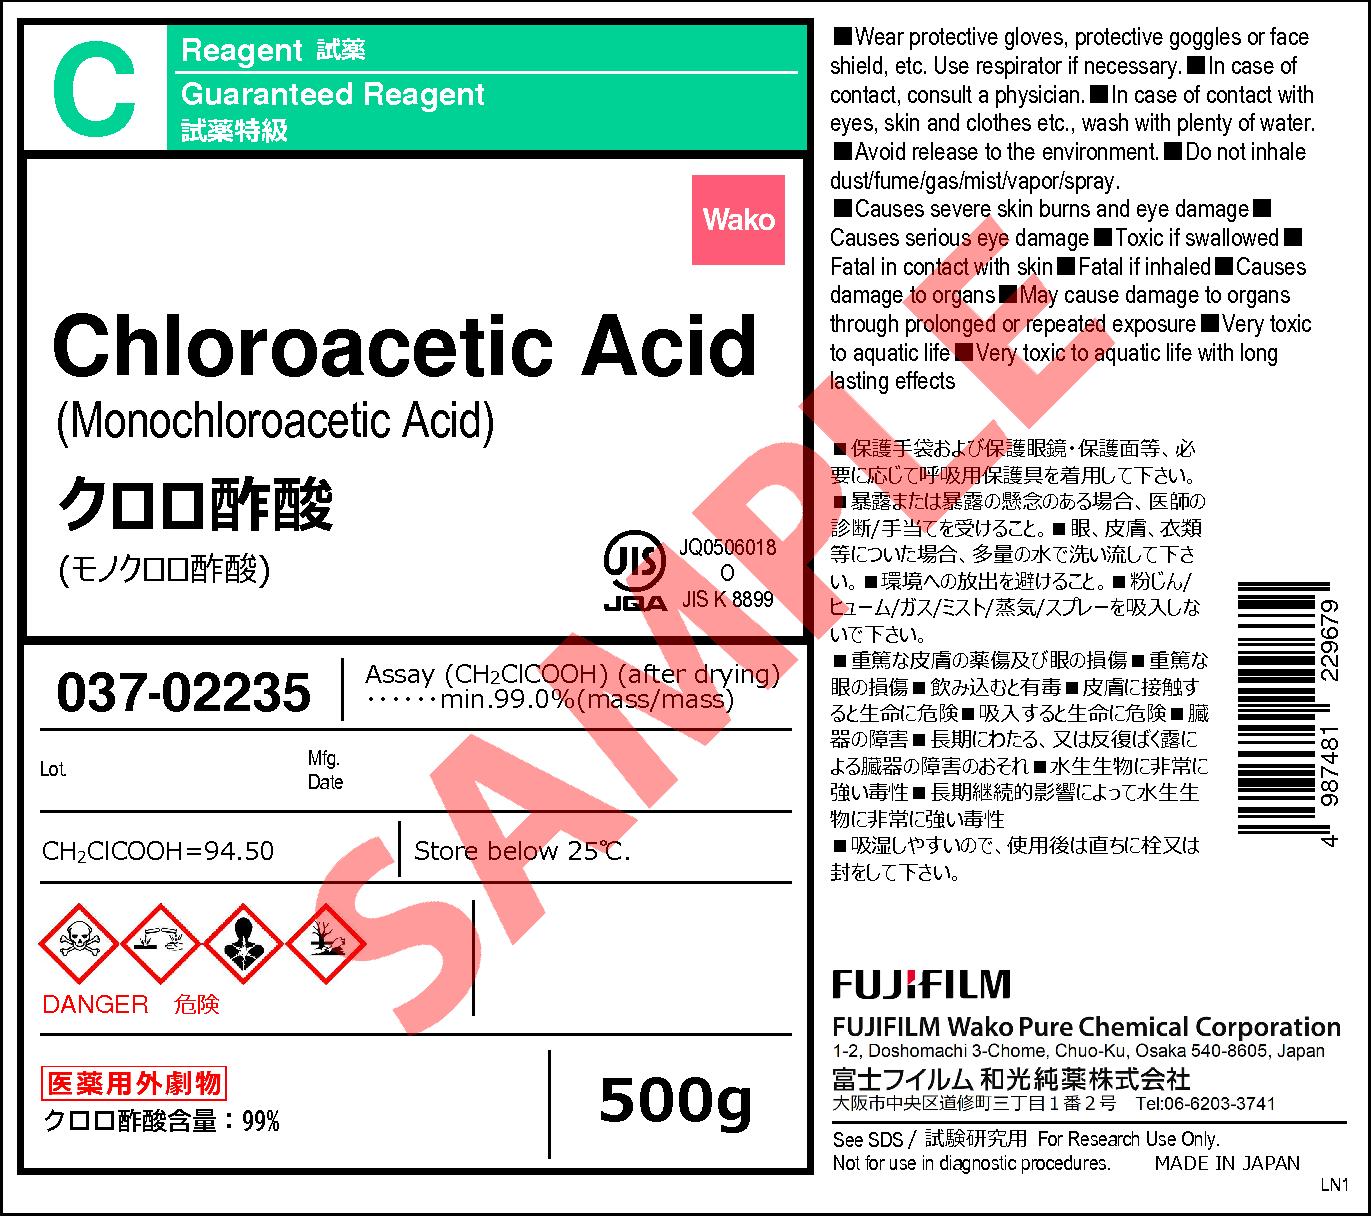 モノクロル 酢酸